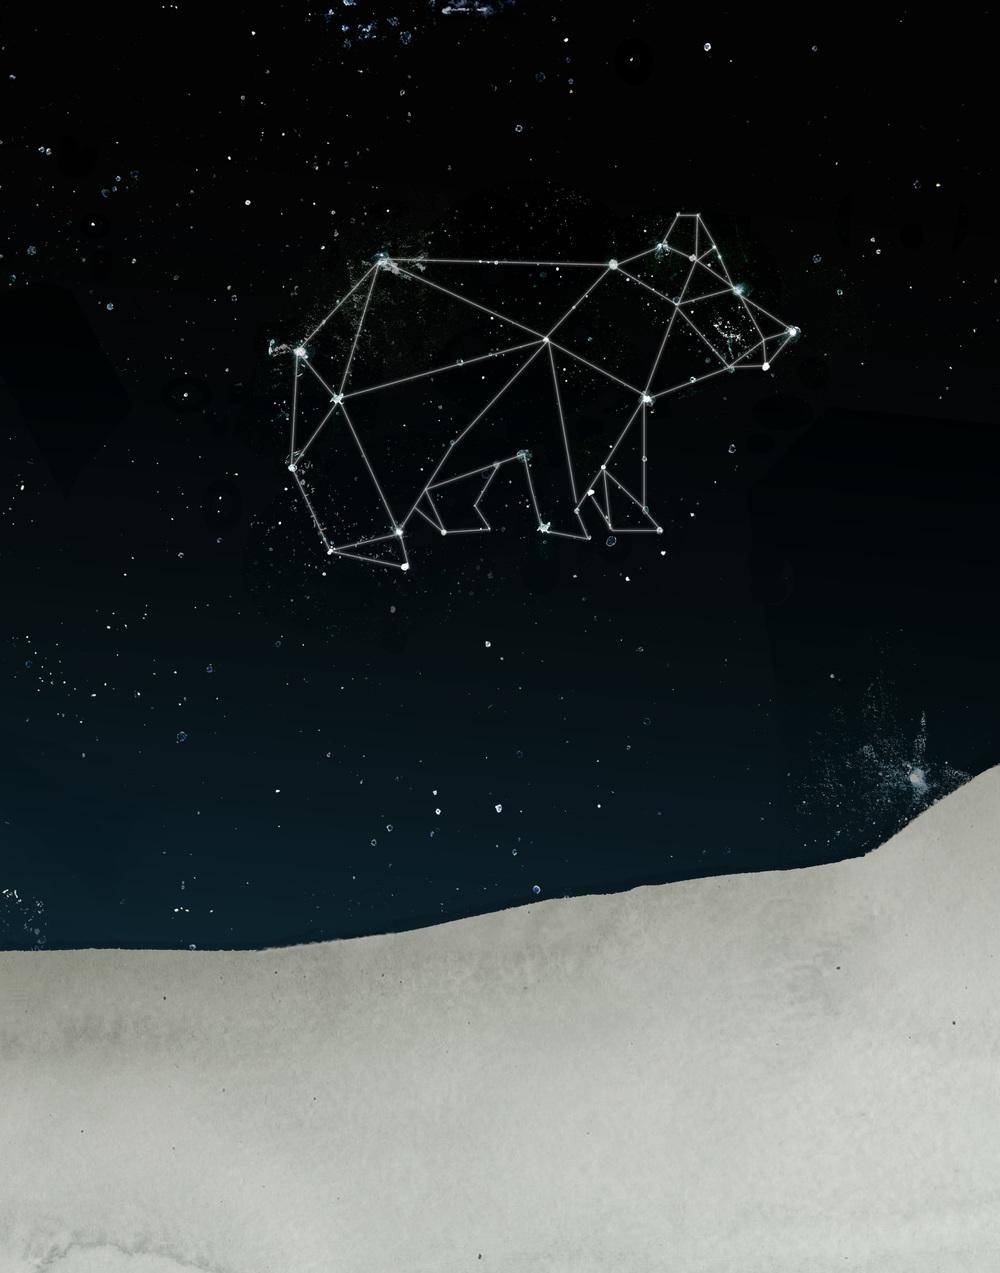 StarBear_01B.jpg